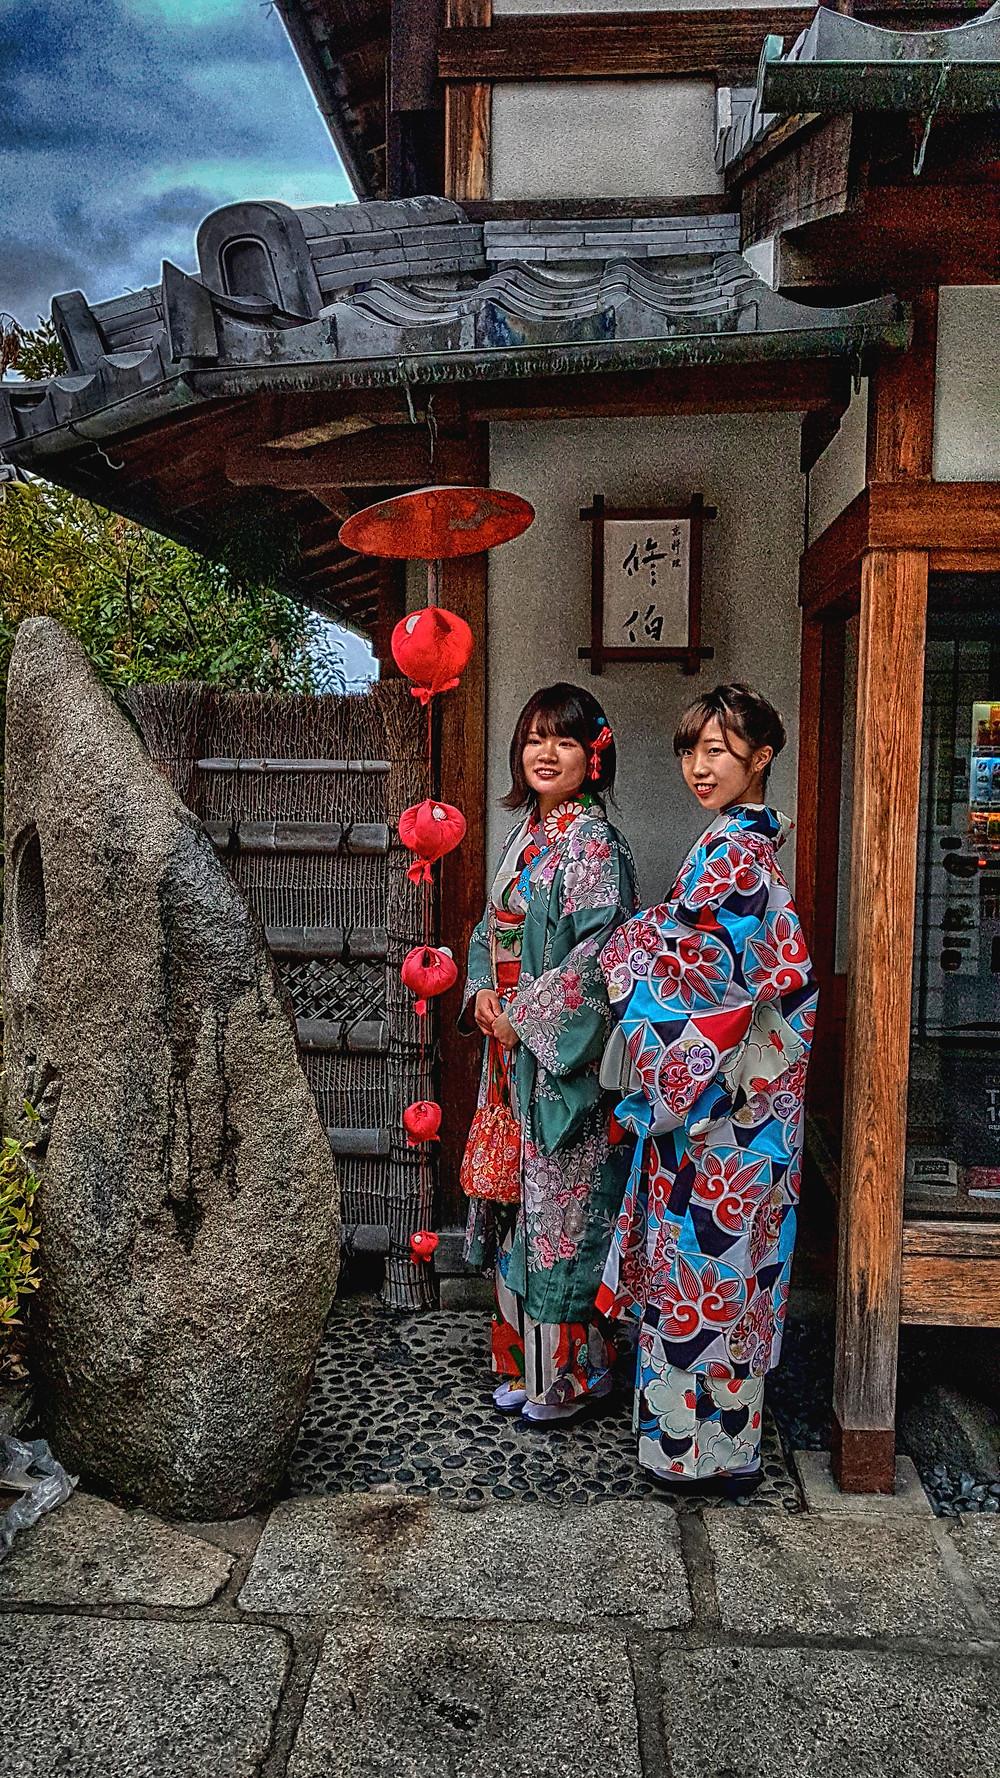 kukurizaru, monos colgantes kyoto, kioto